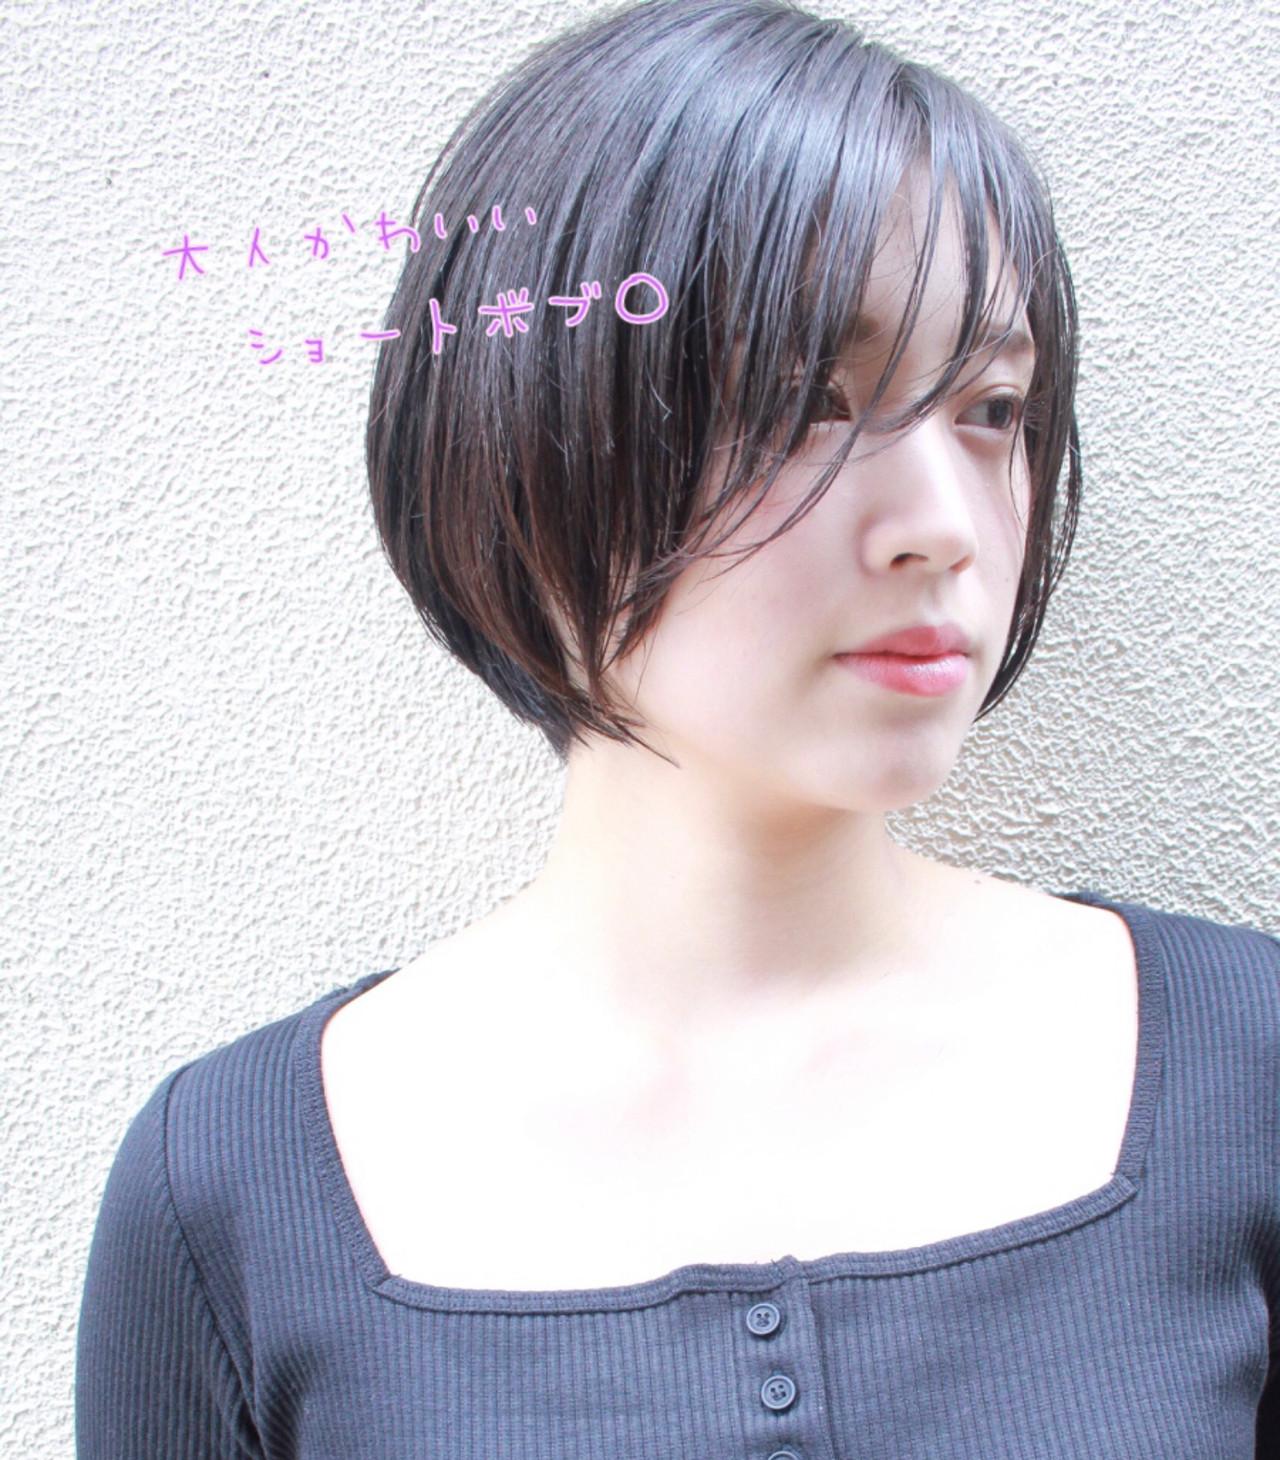 小顔ショート ナチュラル ショート ショートボブ ヘアスタイルや髪型の写真・画像